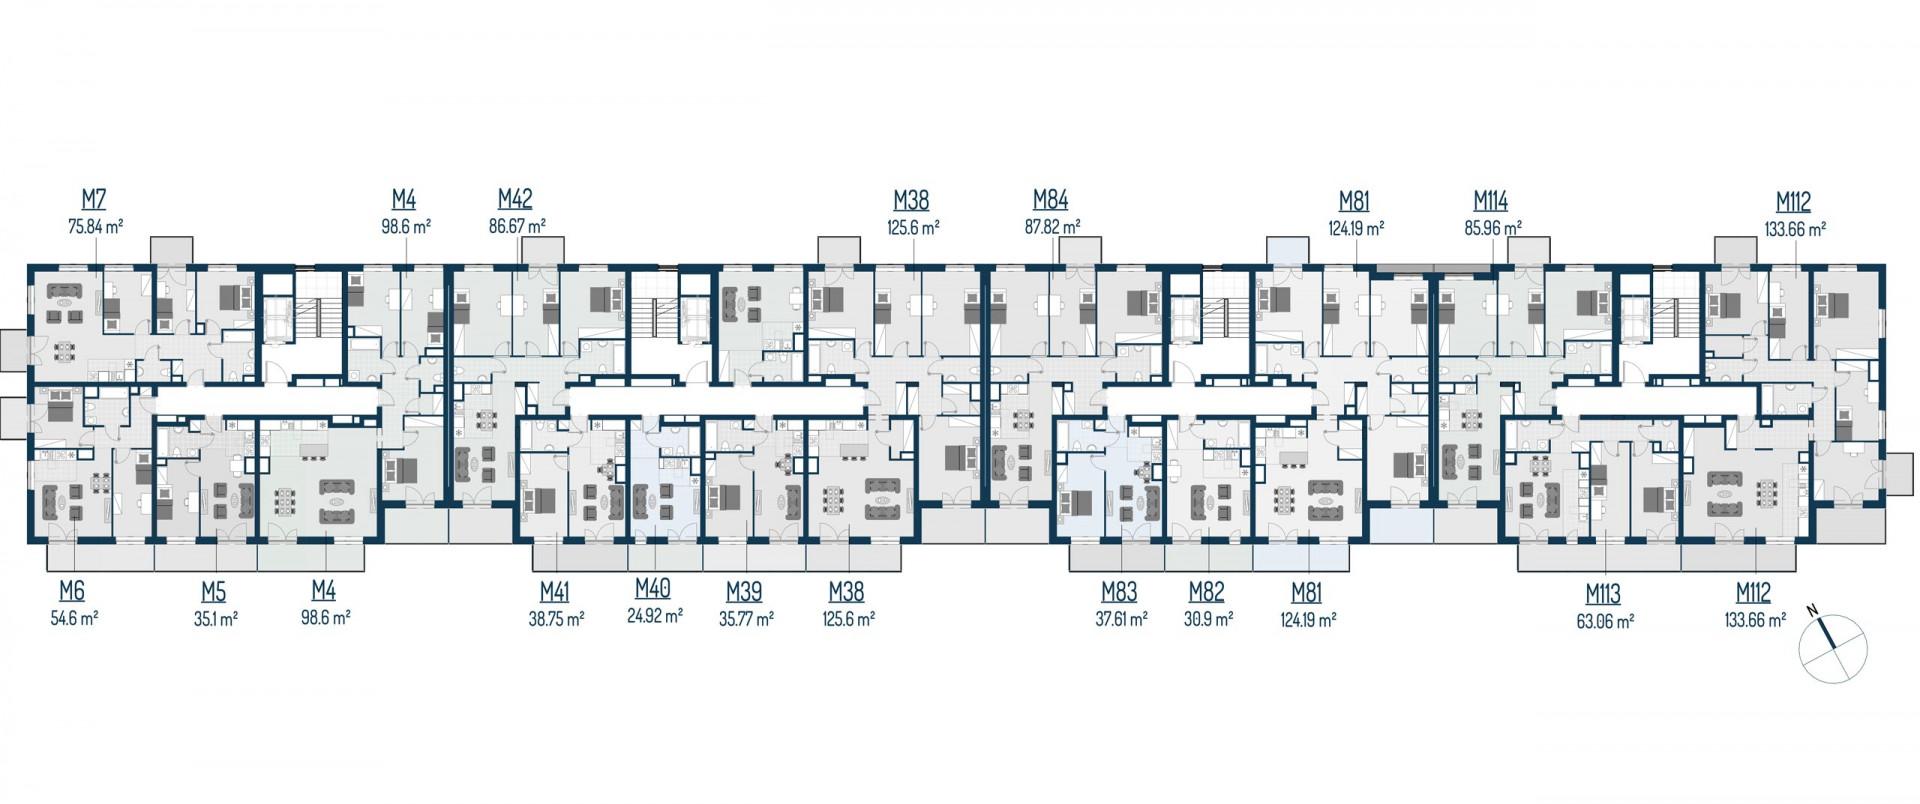 Zdrowe Stylove / budynek 2 / mieszkanie nr 81 rzut 2